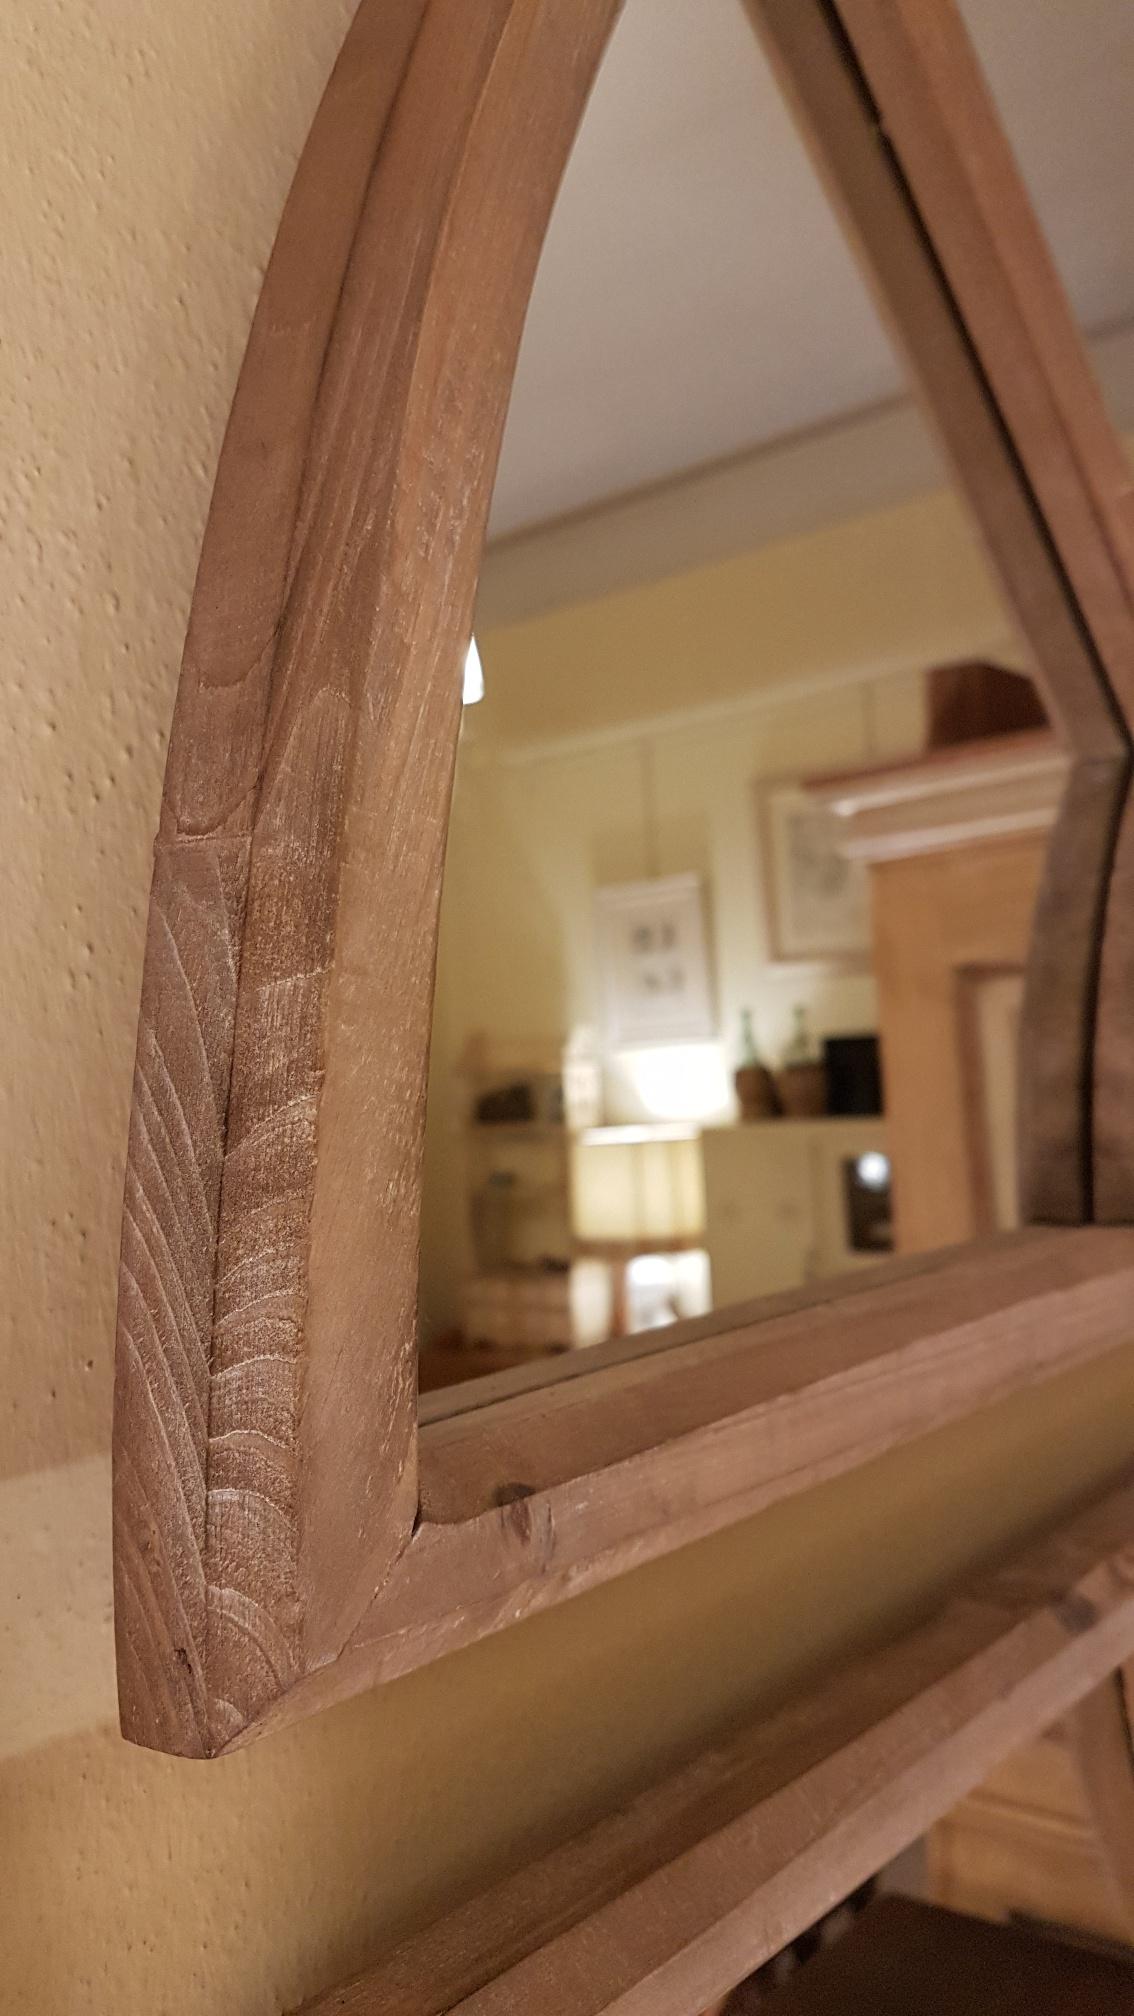 Arredamento contemporaneo mobili country su misura siena firenze specchiera vintage in legno - Mobili su misura firenze ...